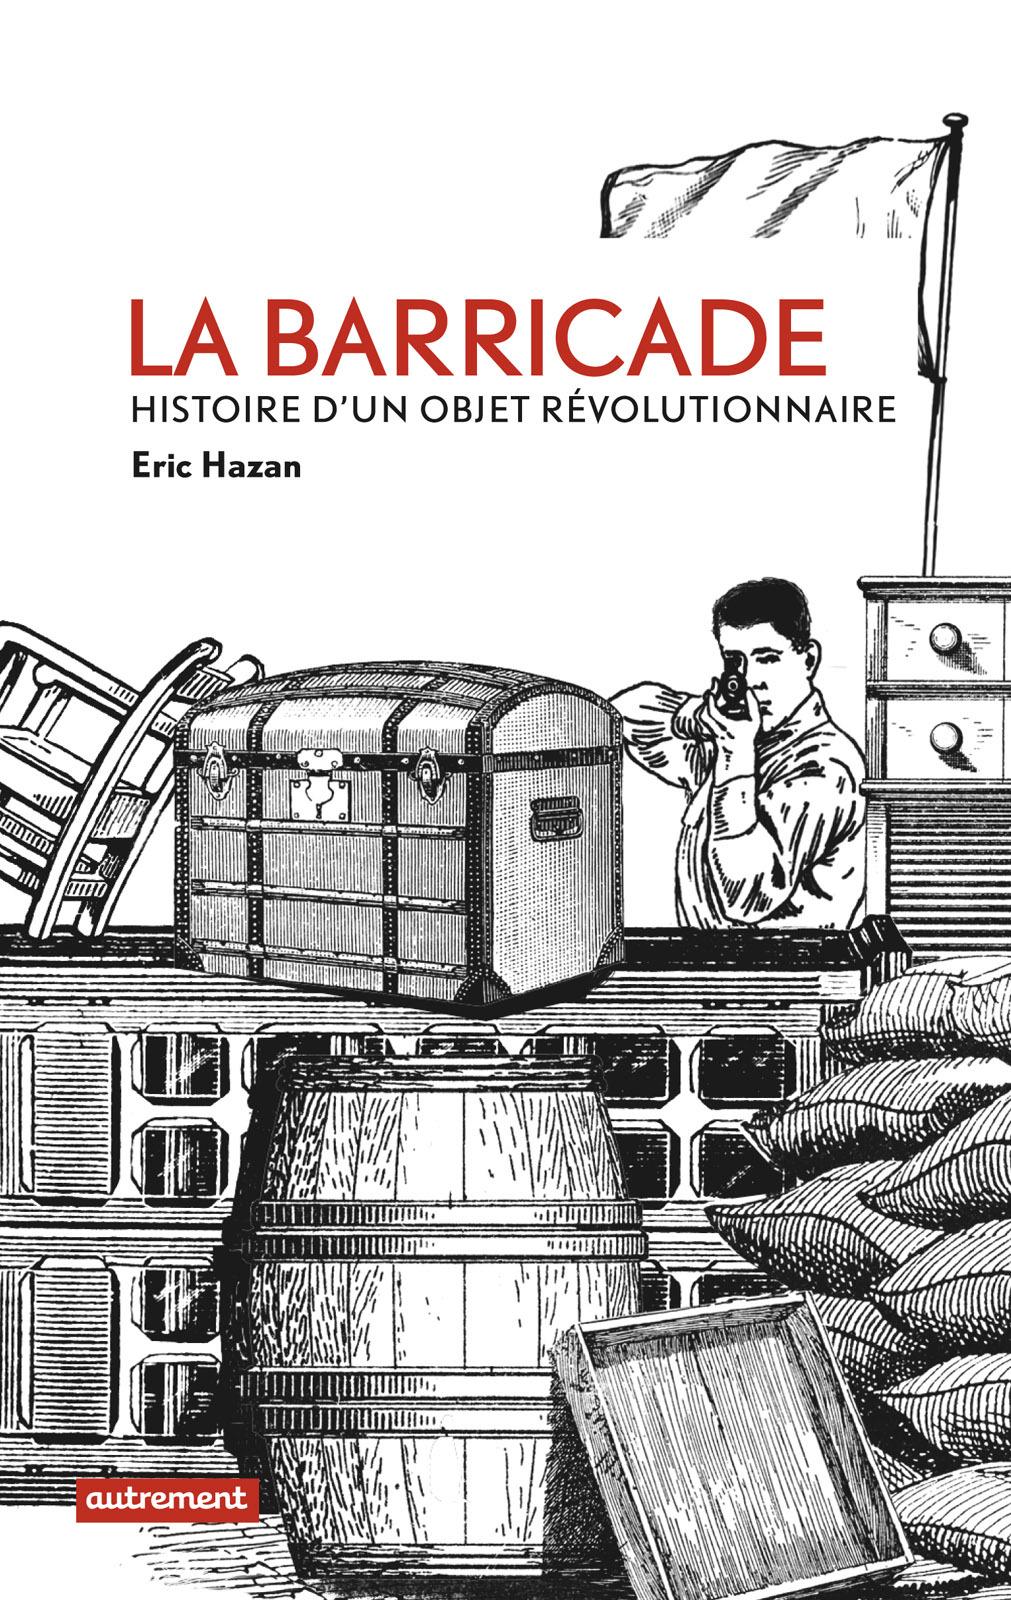 La Barricade, HISTOIRE D'UN OBJET RÉVOLUTIONNAIRE